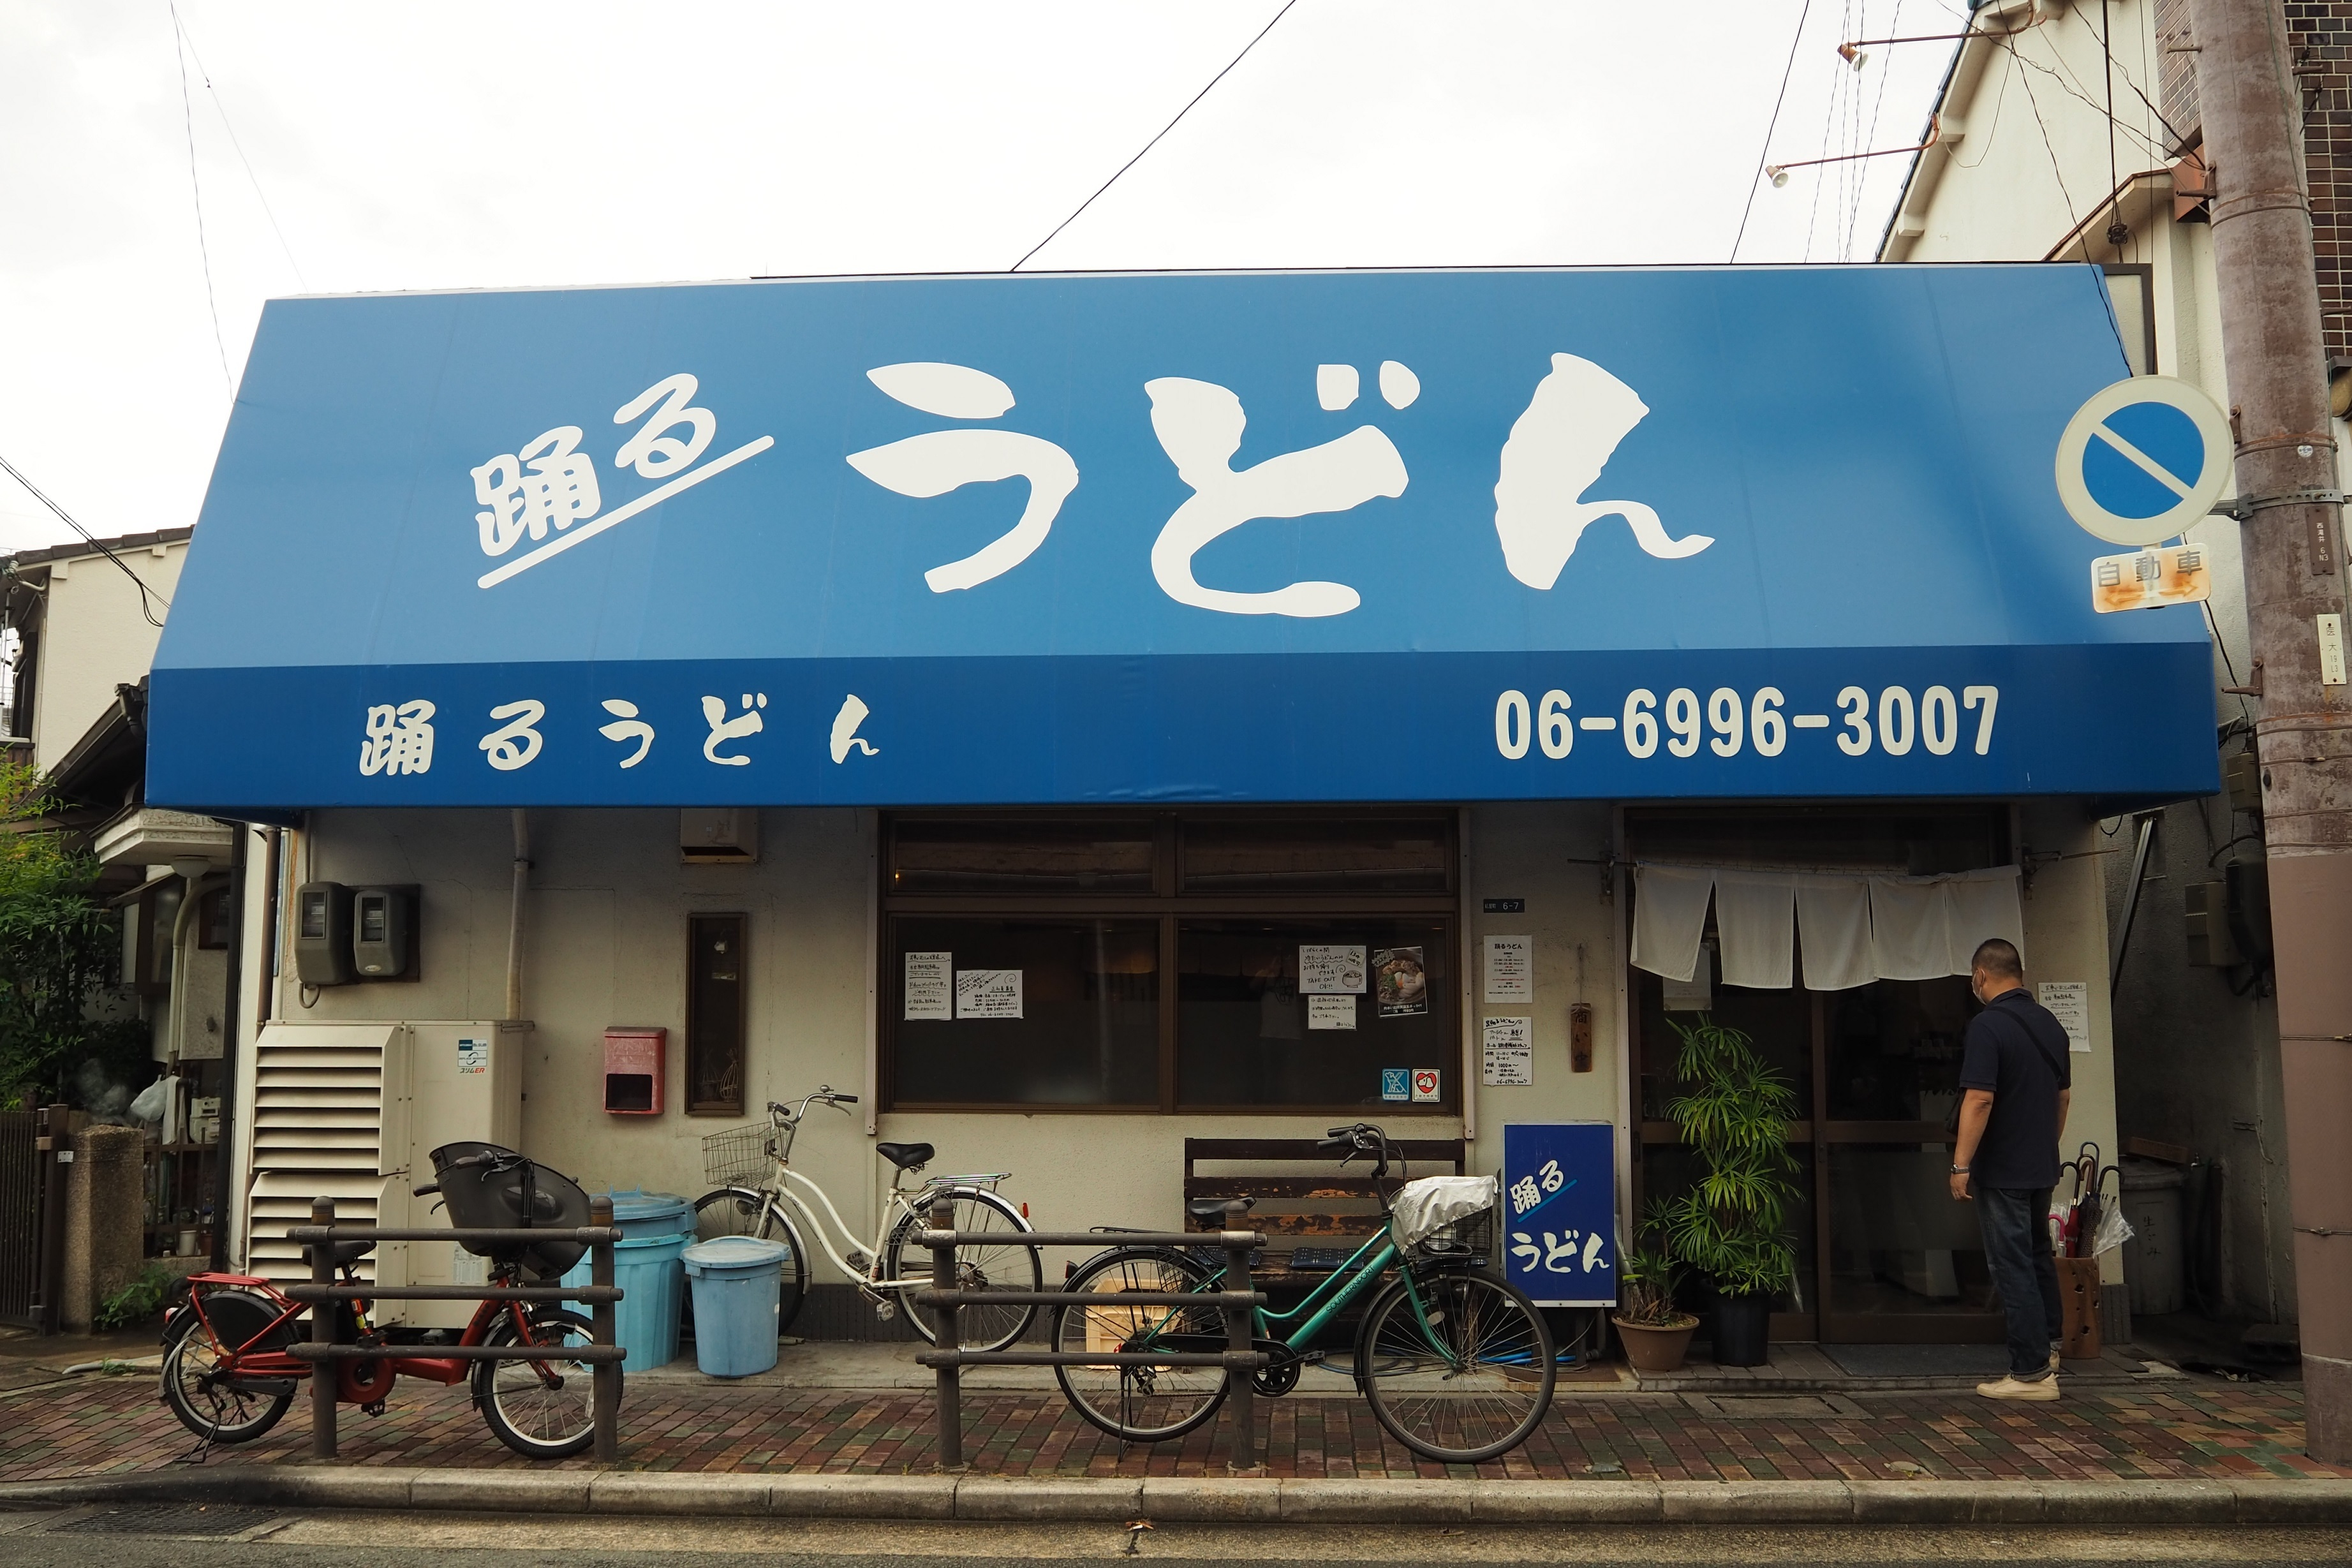 京阪沿線グルメ 京阪滝井駅前 踊るうどん 本店 店舗 京阪